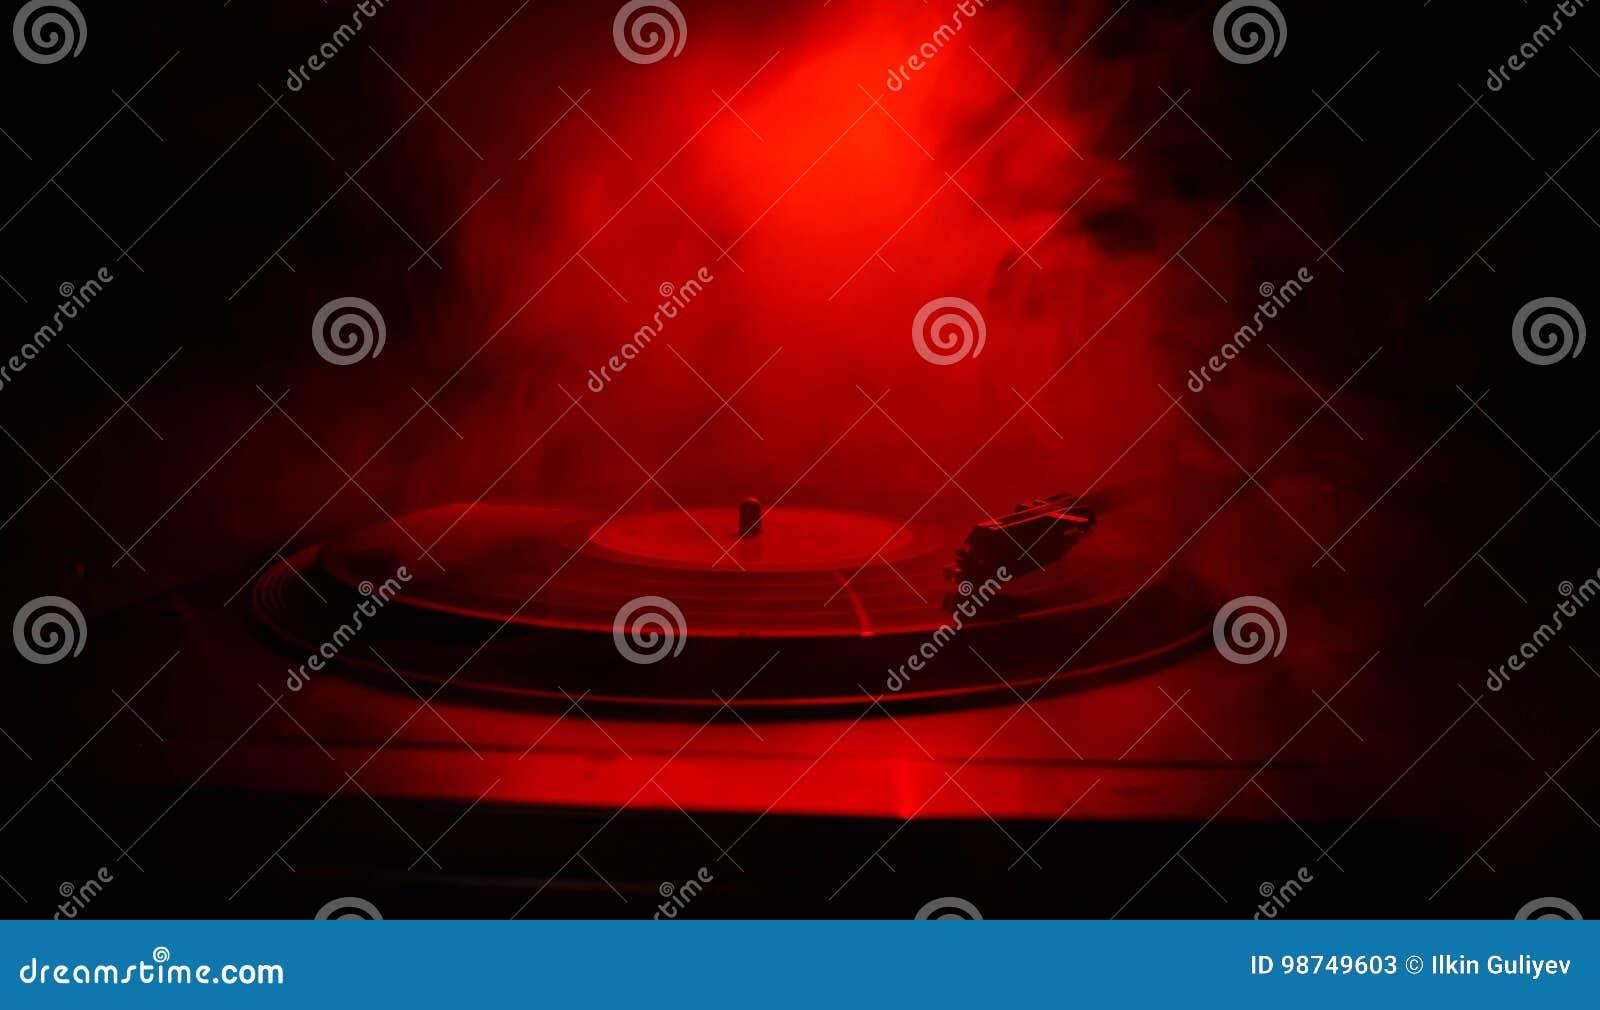 转盘唱片球员 音乐节目主持人的减速火箭的音响器材 演奏的DJ的合理的技术能混合&音乐 唱片是